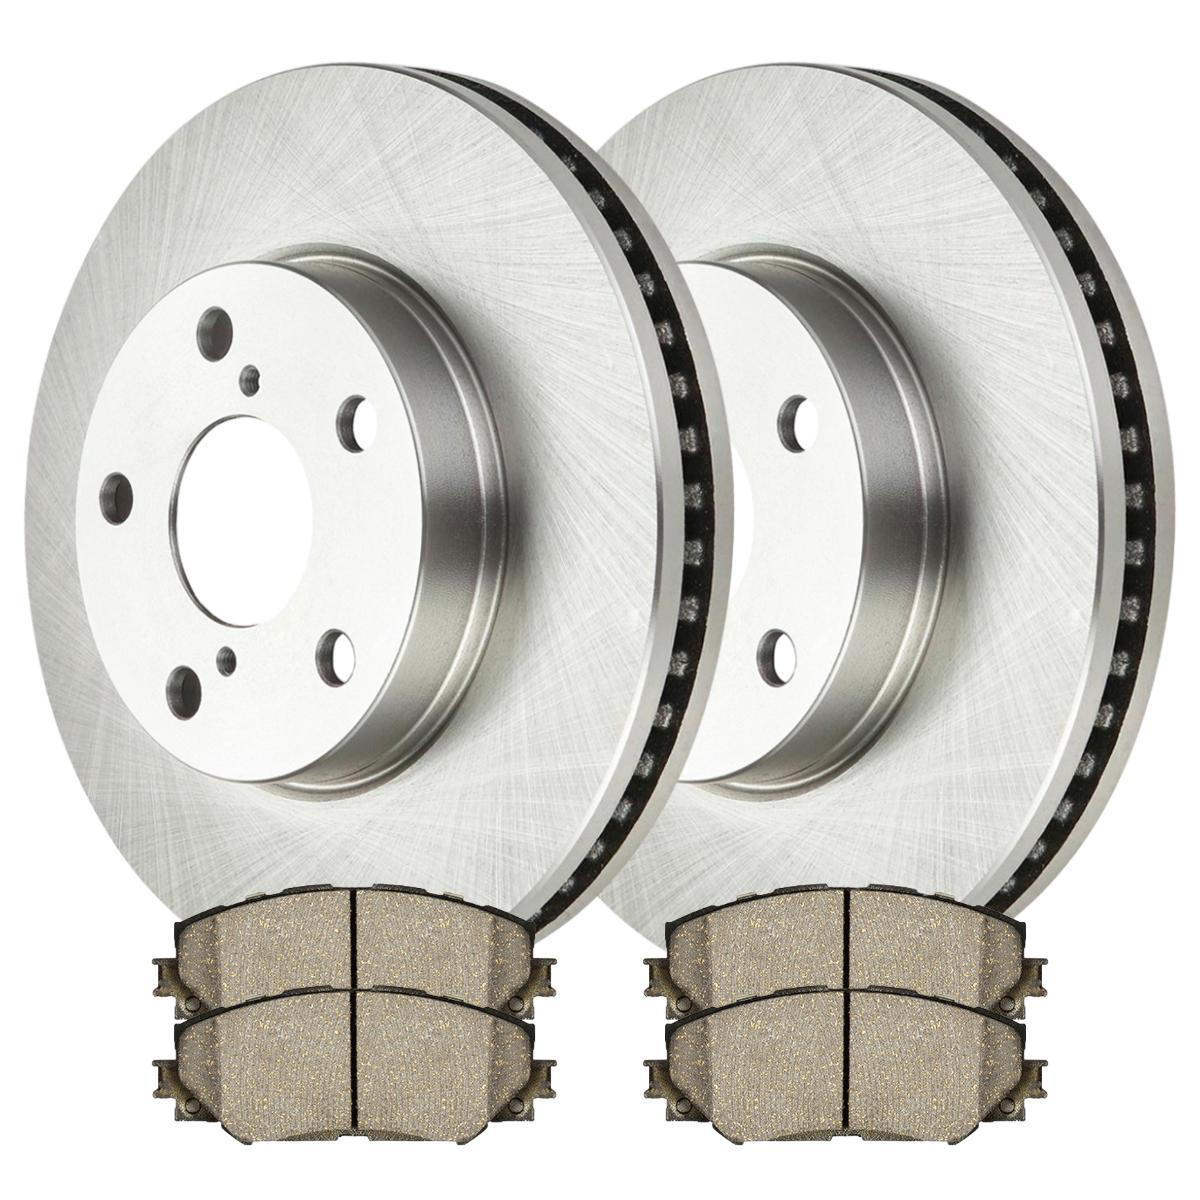 Brake Rotors 2 Front Ceramic Brake Pad For 08-2011 2012 2013 2014 Scion xB 4